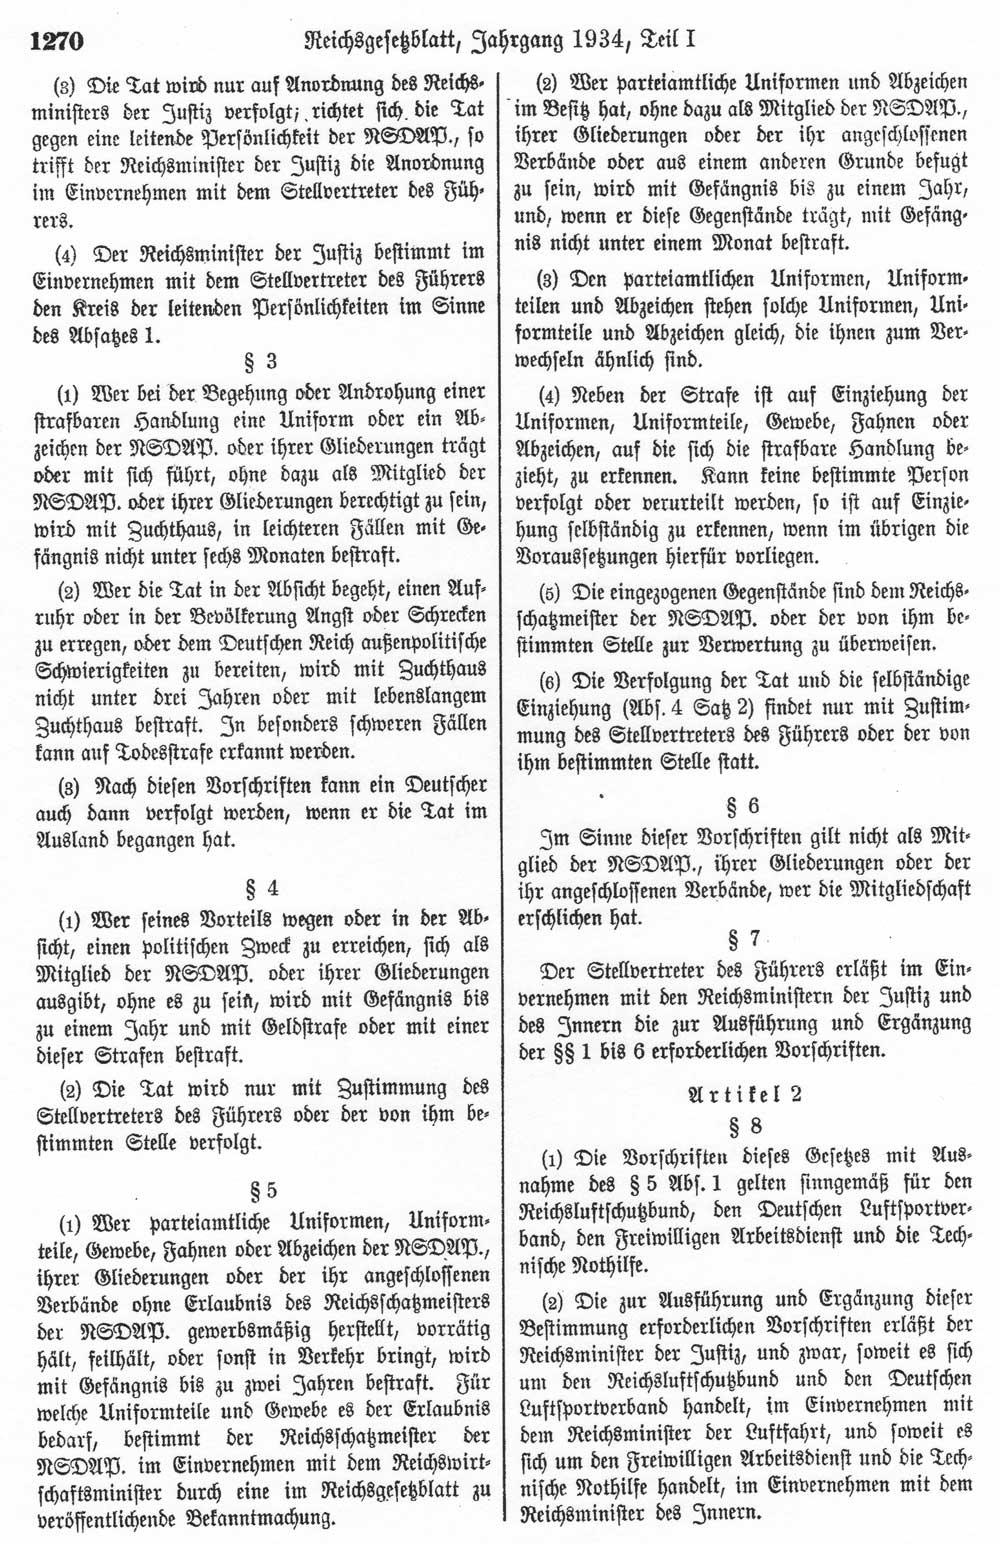 Heimtückevergehen-1934-b